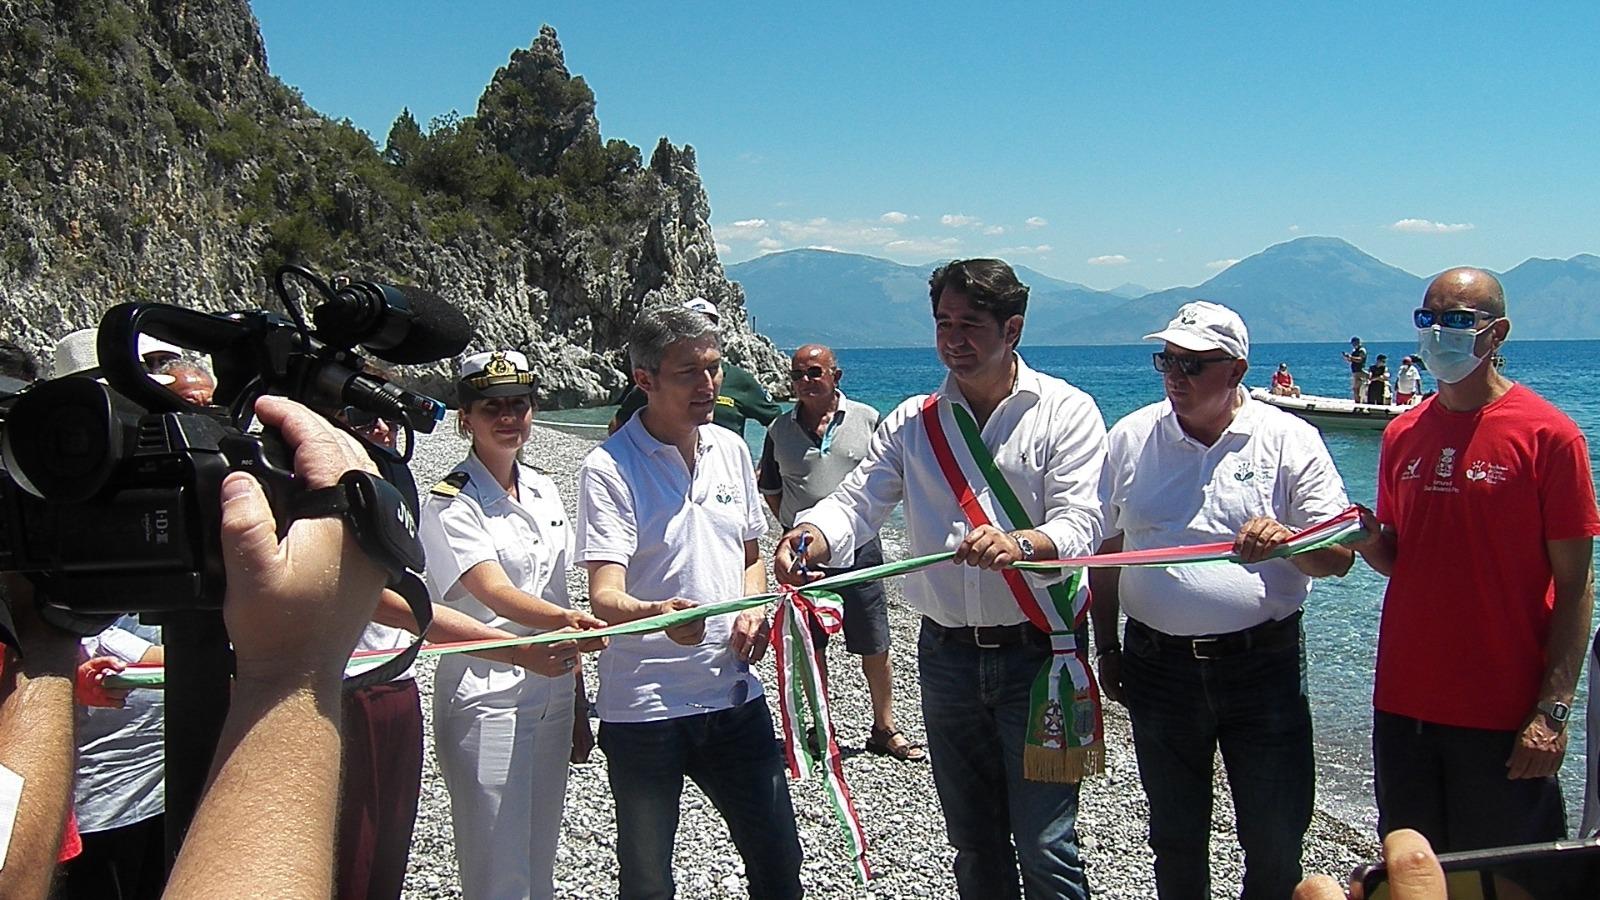 Riaperta a Scario la spiaggia della Resima e siglato il Protocollo d'Intesa per la salvaguardia e la sicurezza dell'AMP